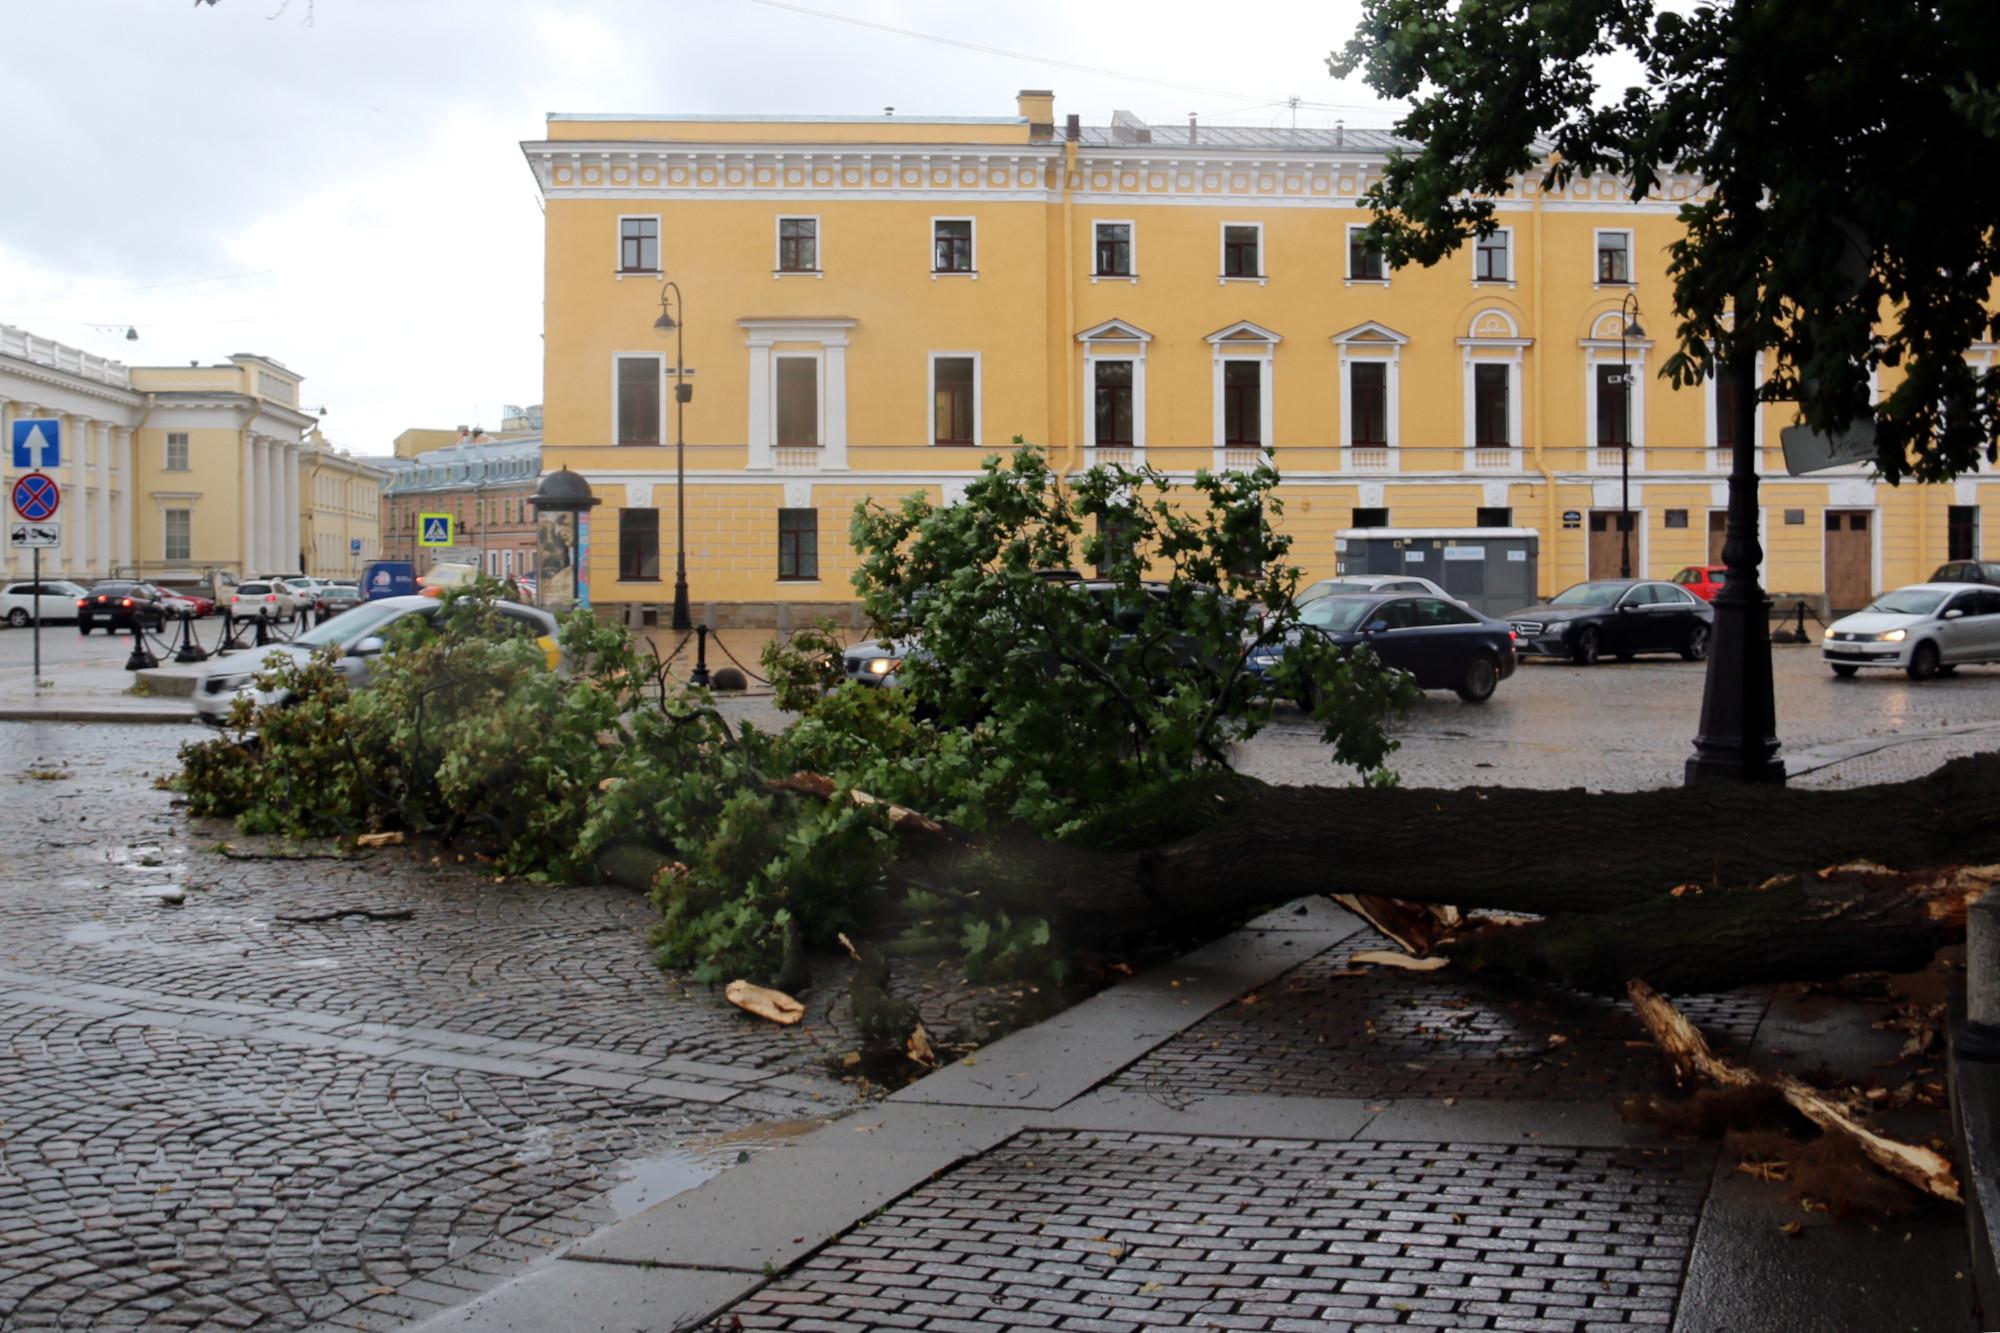 упавшее дерево, шторм, непогода, ветер, поваленное дерево, площадь Искусств